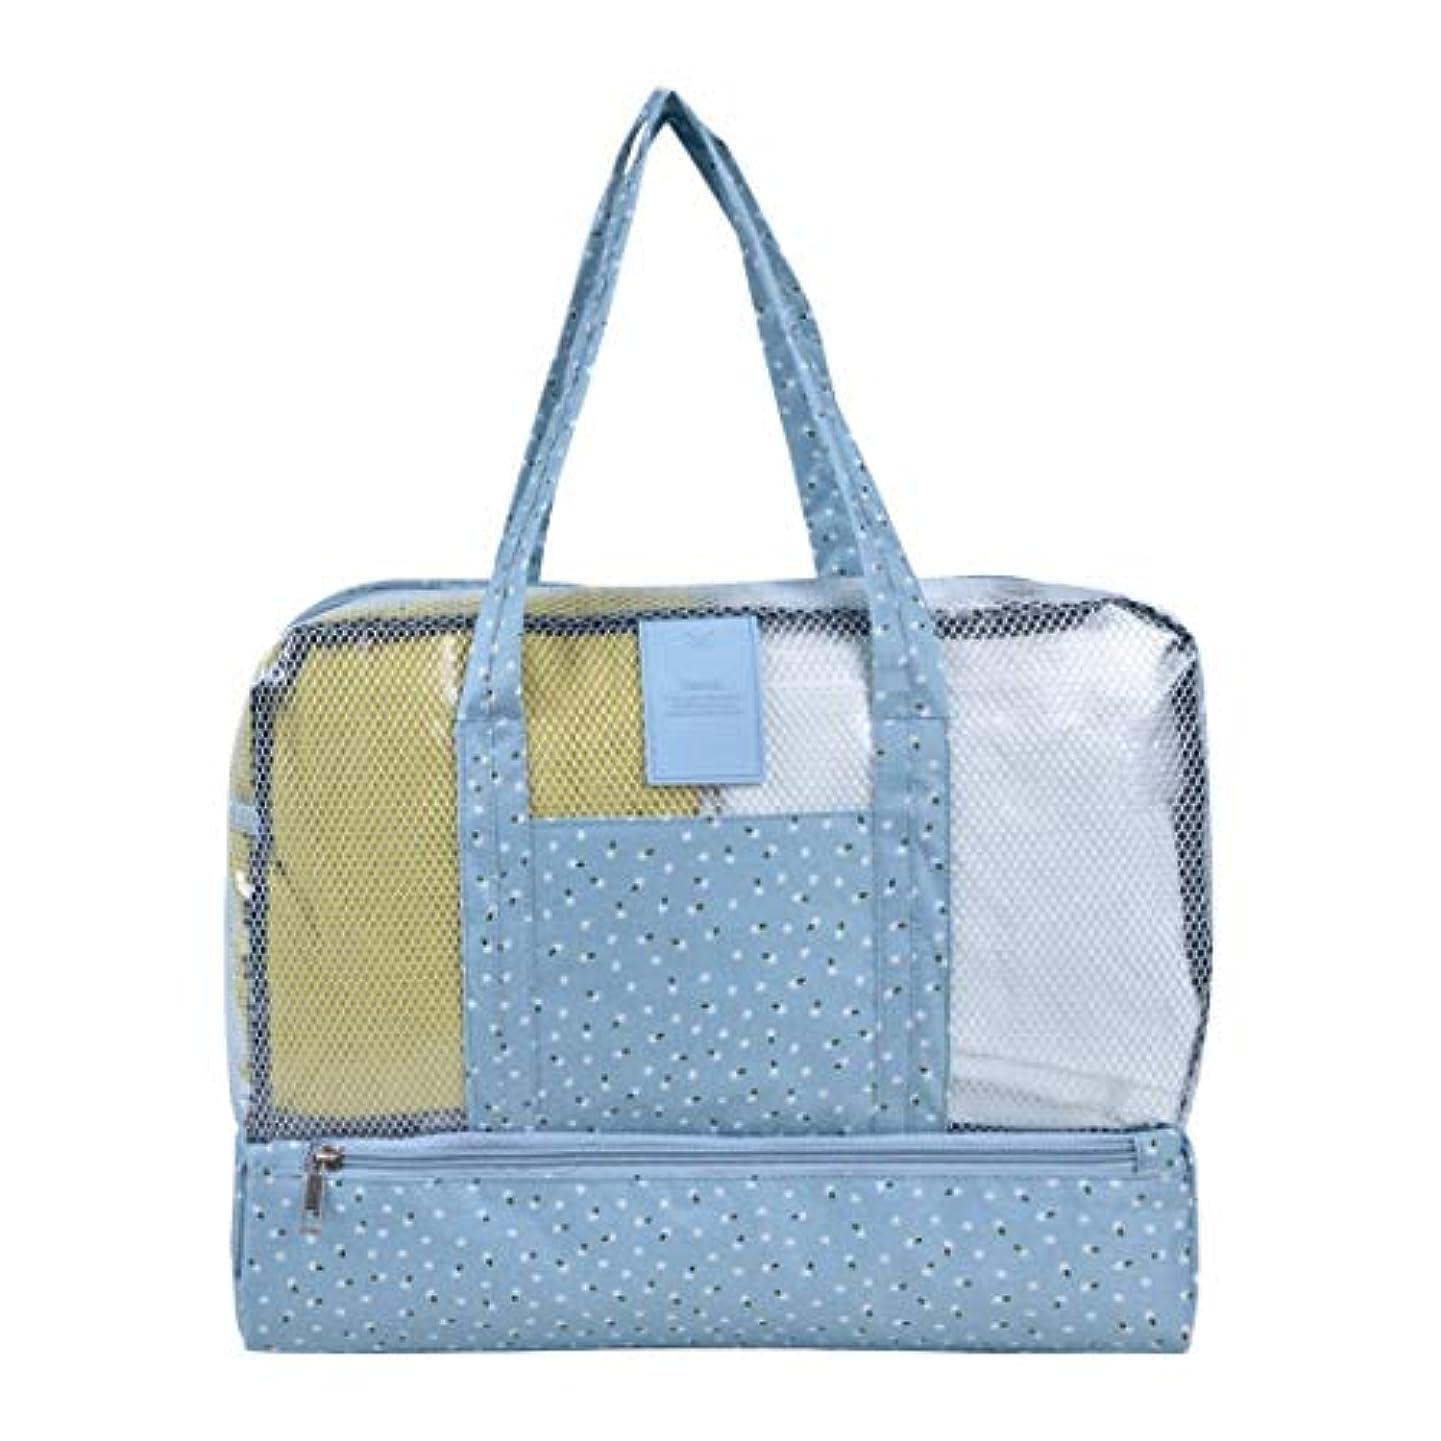 可塑性勢い市の中心部BALLEEY 屋外旅行ビーチスイミングバッグフローラルドライとウェットセパレーションバッグ男性と女性の防水ミイラ収納バッグ。ファッション収納引き出しタイプ (色 : Blue small floral)